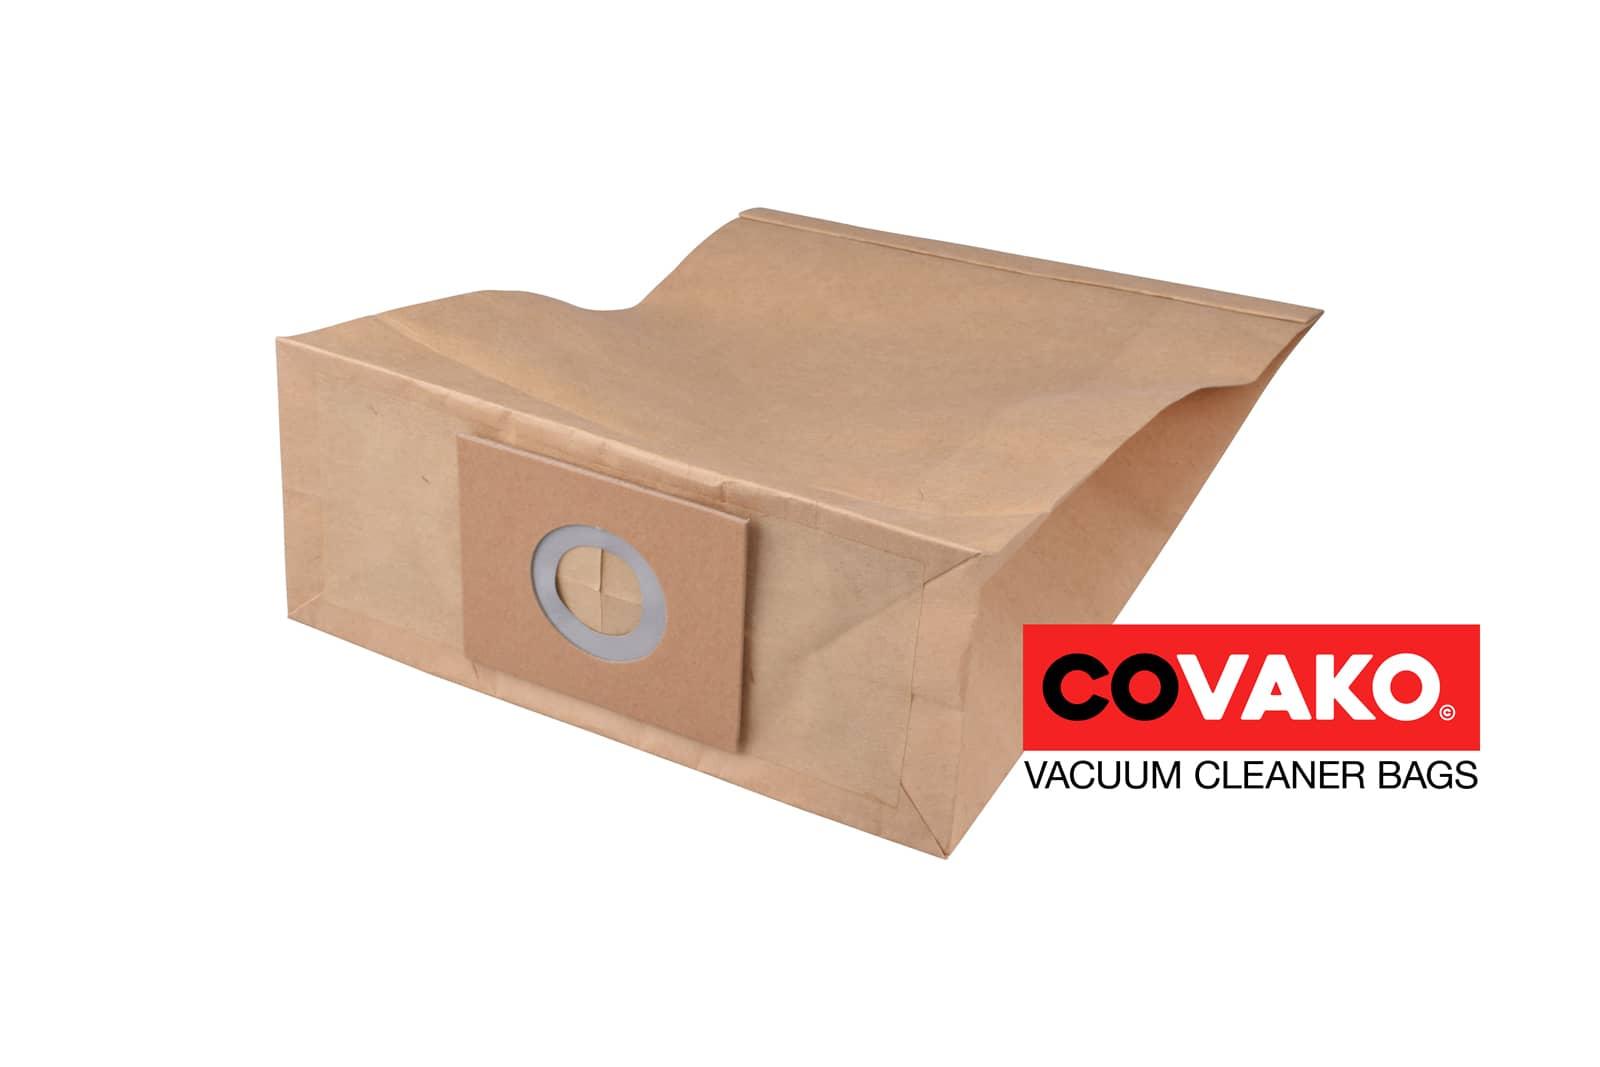 Fimap FV 10 / Papier - Fimap sacs d'aspirateur